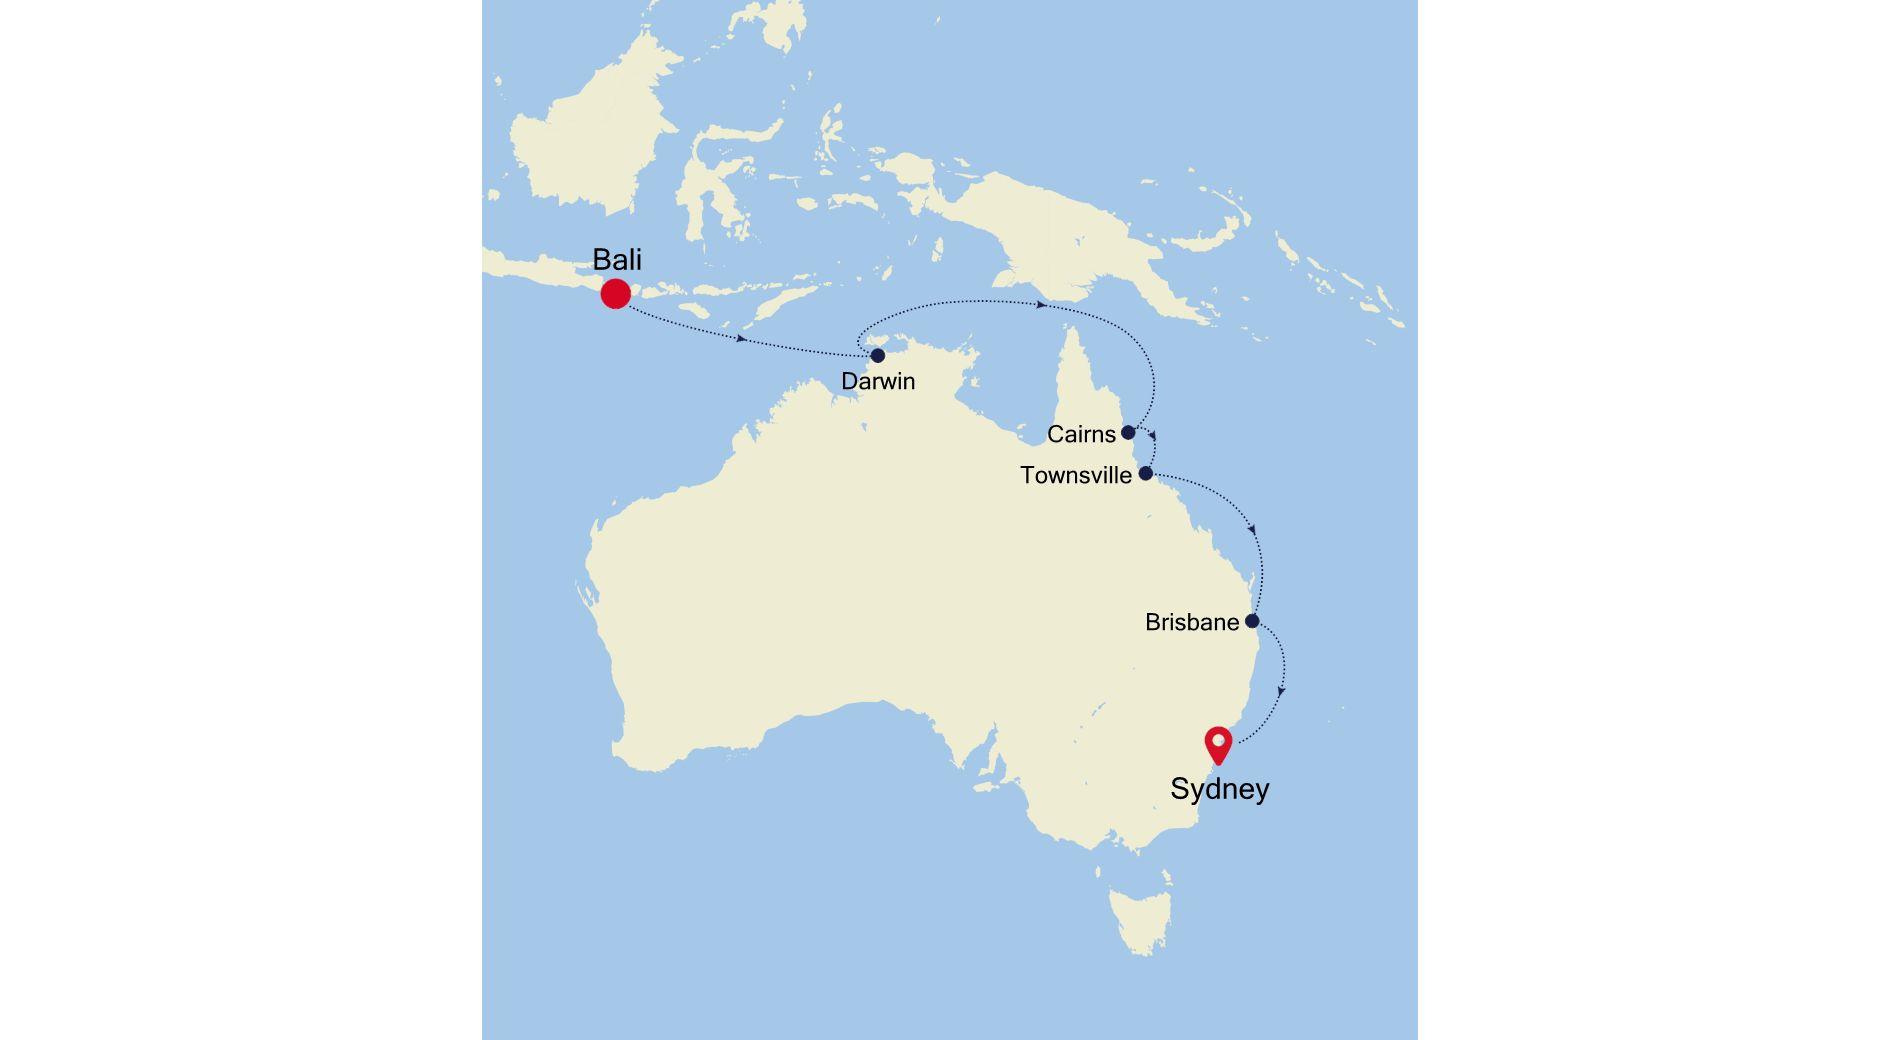 6930B - Bali à Sydney